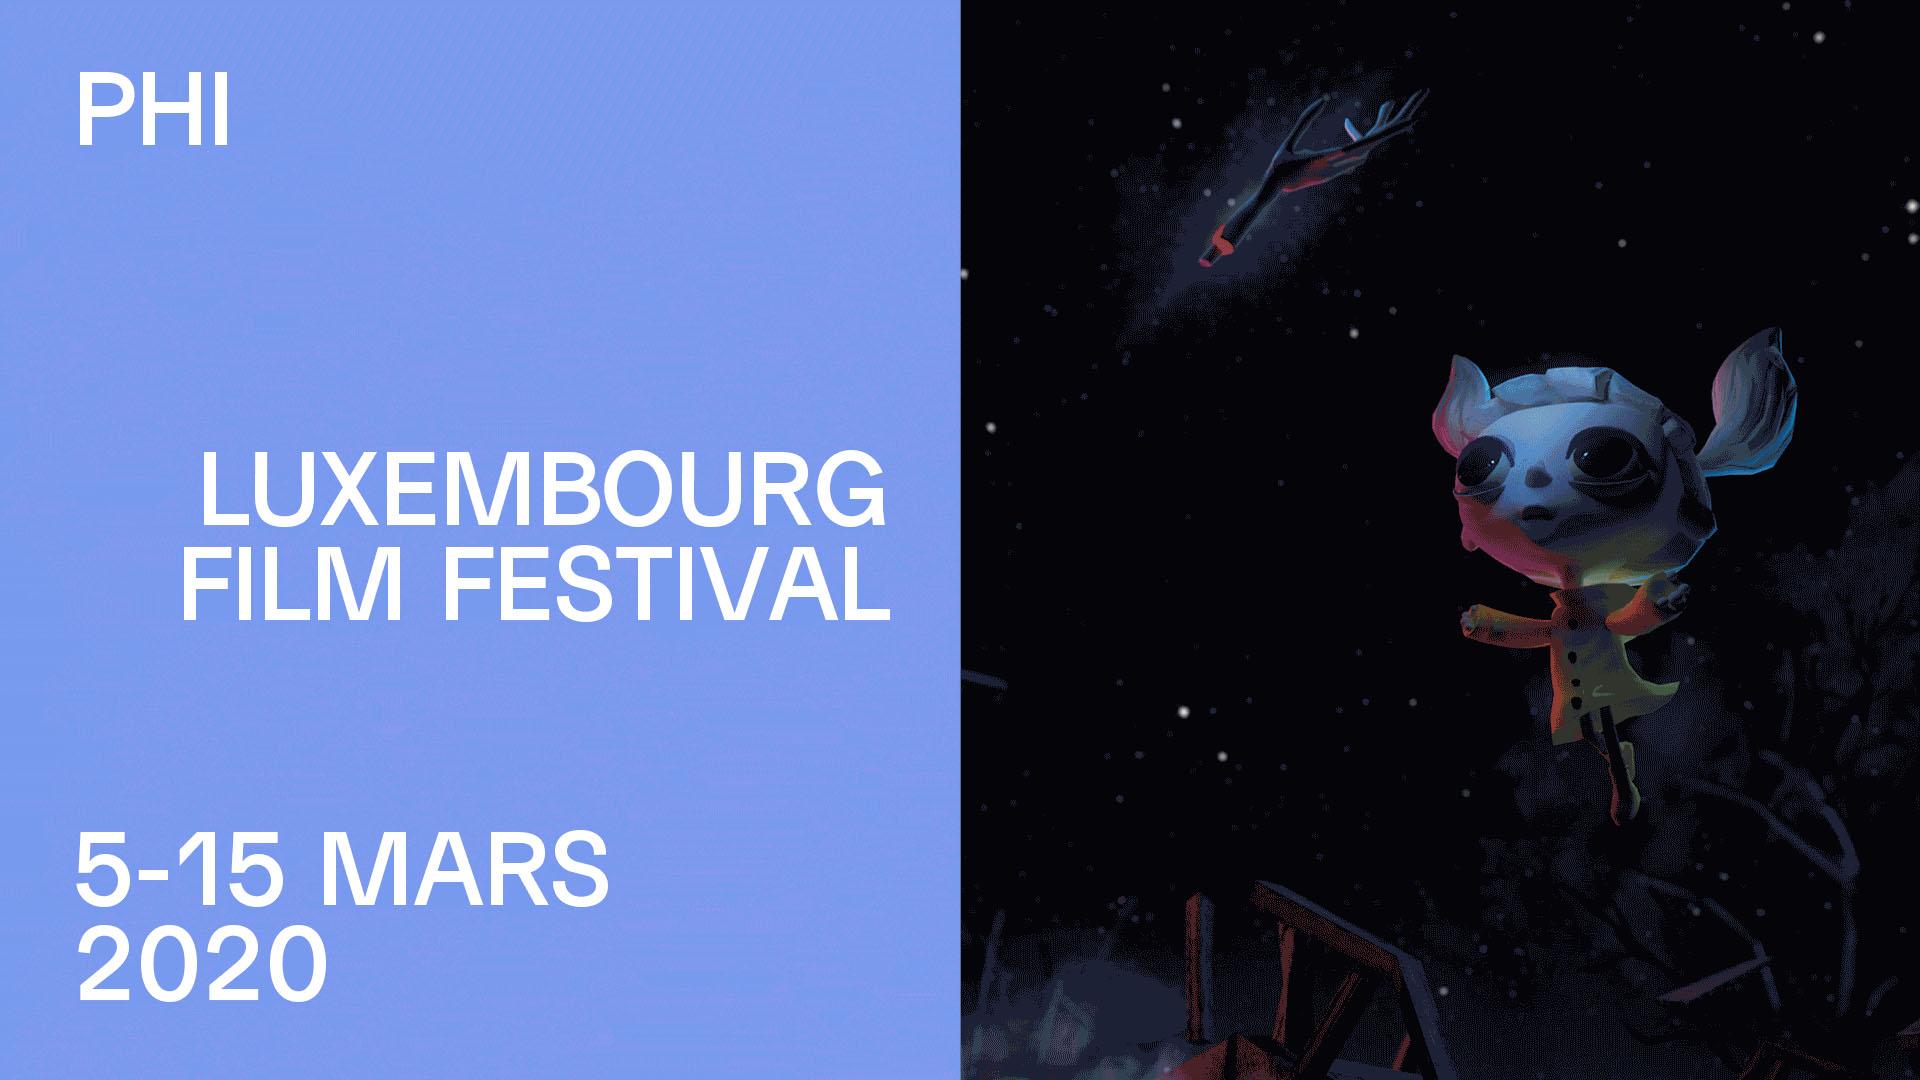 PHI - Une nouvelle expérience de programmation du Pavillon de Réalité Virtuelle au Luxembourg